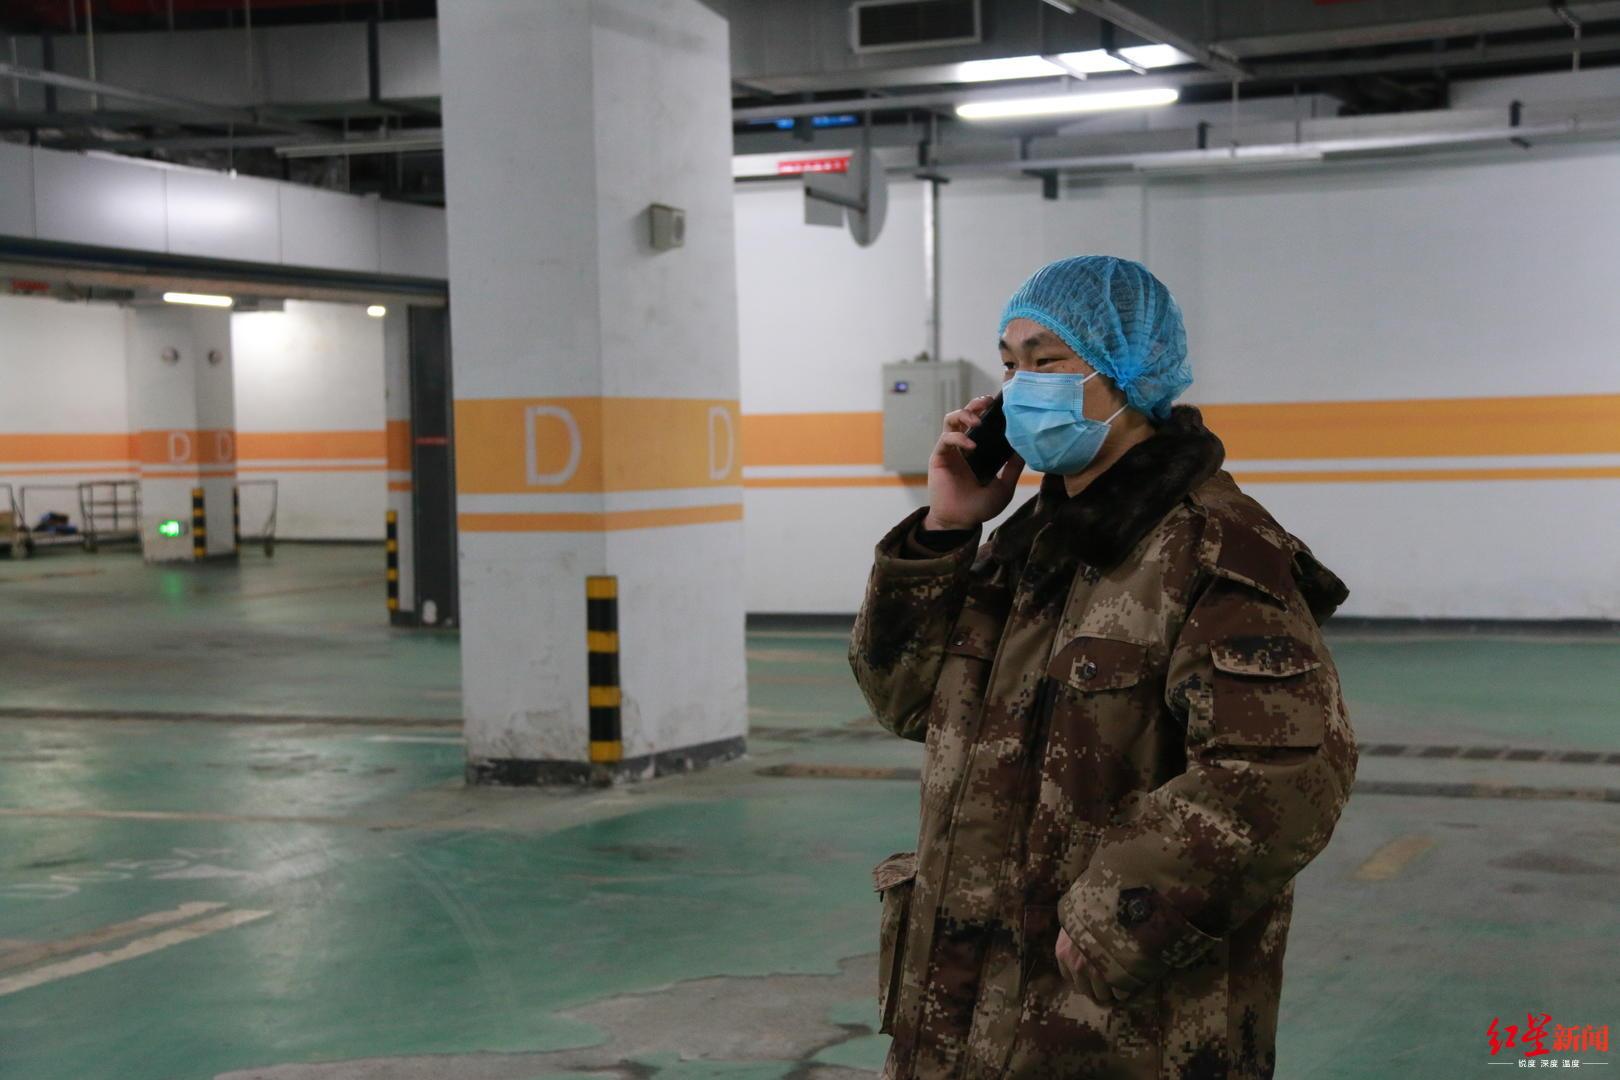 回收、转运、焚烧,武汉另一群离传染源最近的人图片